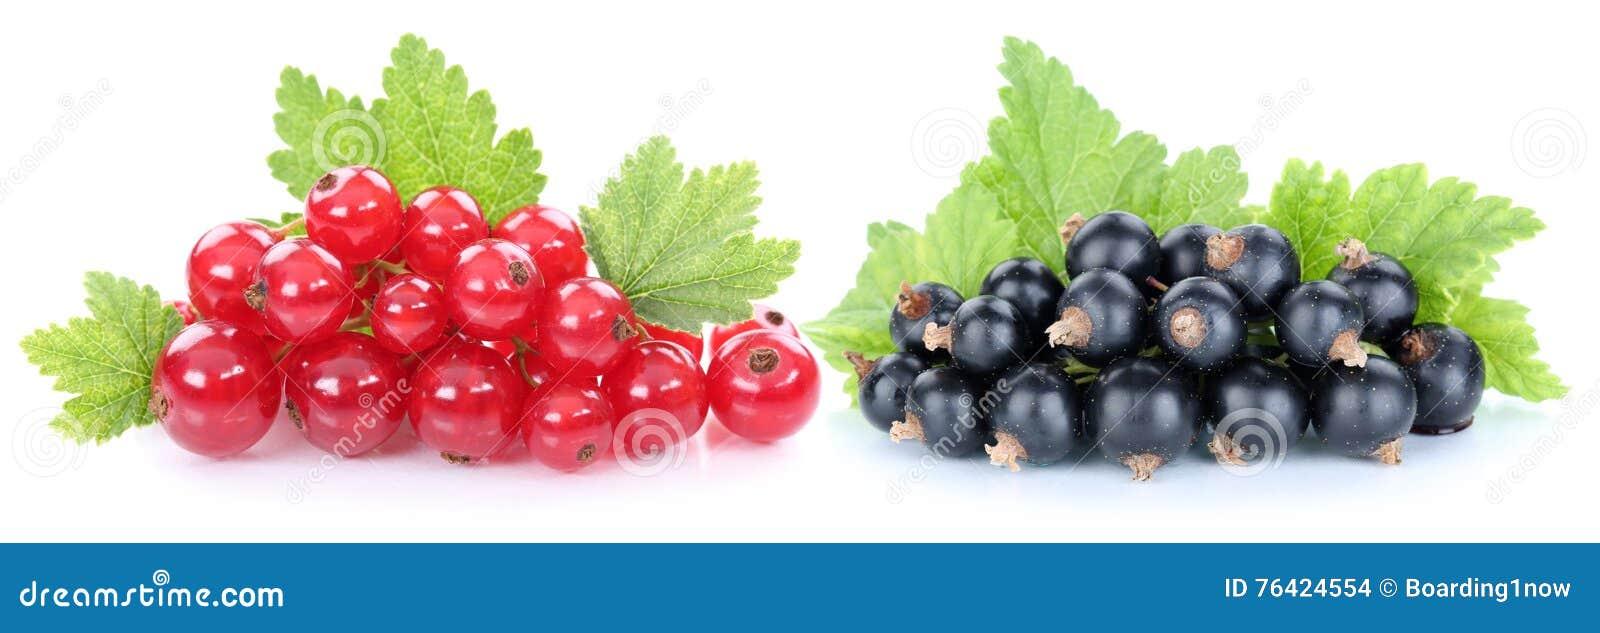 Geïsoleerd de bessenfruit van rode en zwarte besbessen